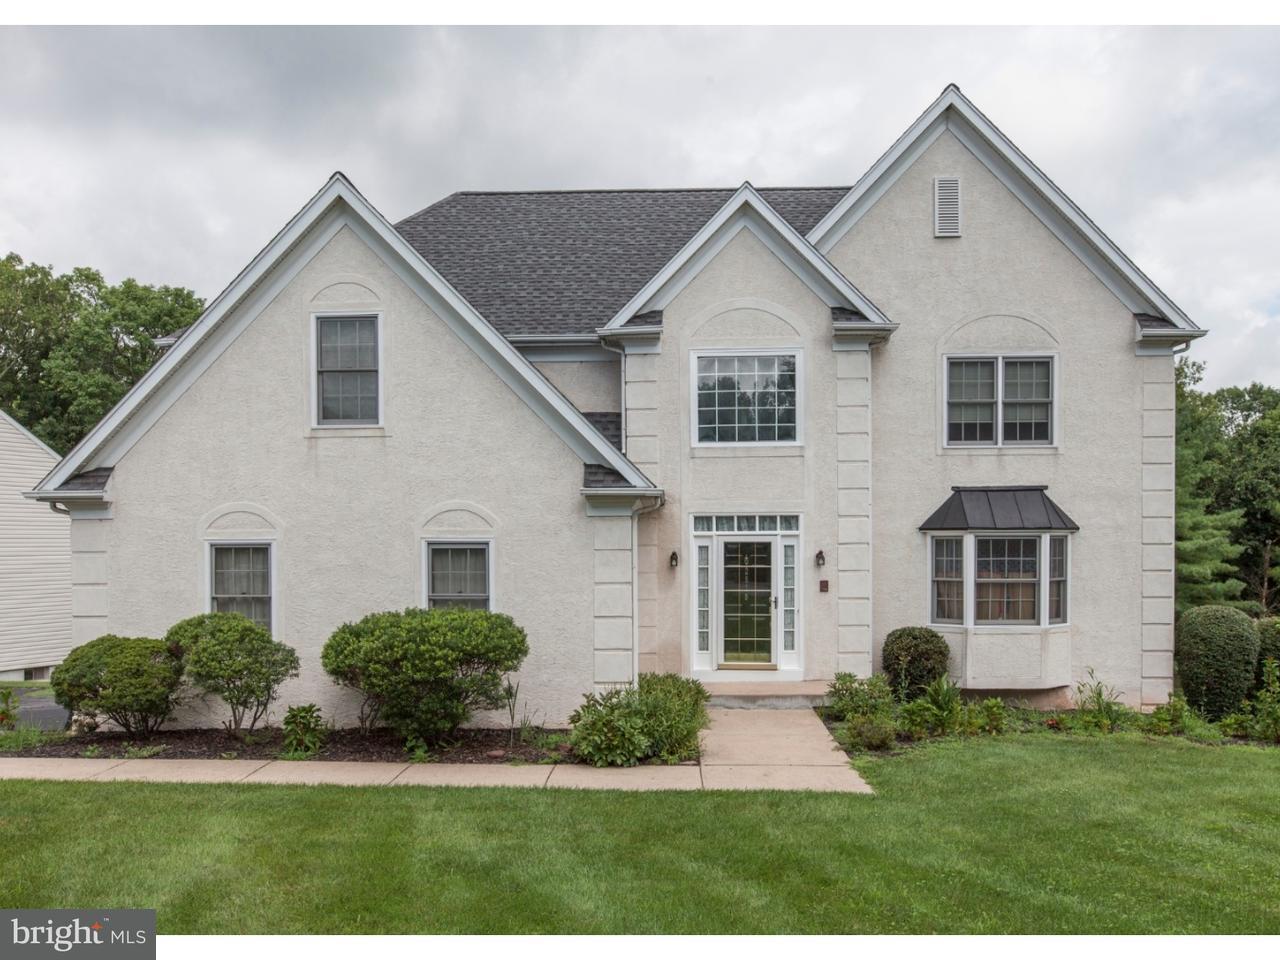 独户住宅 为 销售 在 2819 W CROSSING Circle East Norriton, 宾夕法尼亚州 19403 美国